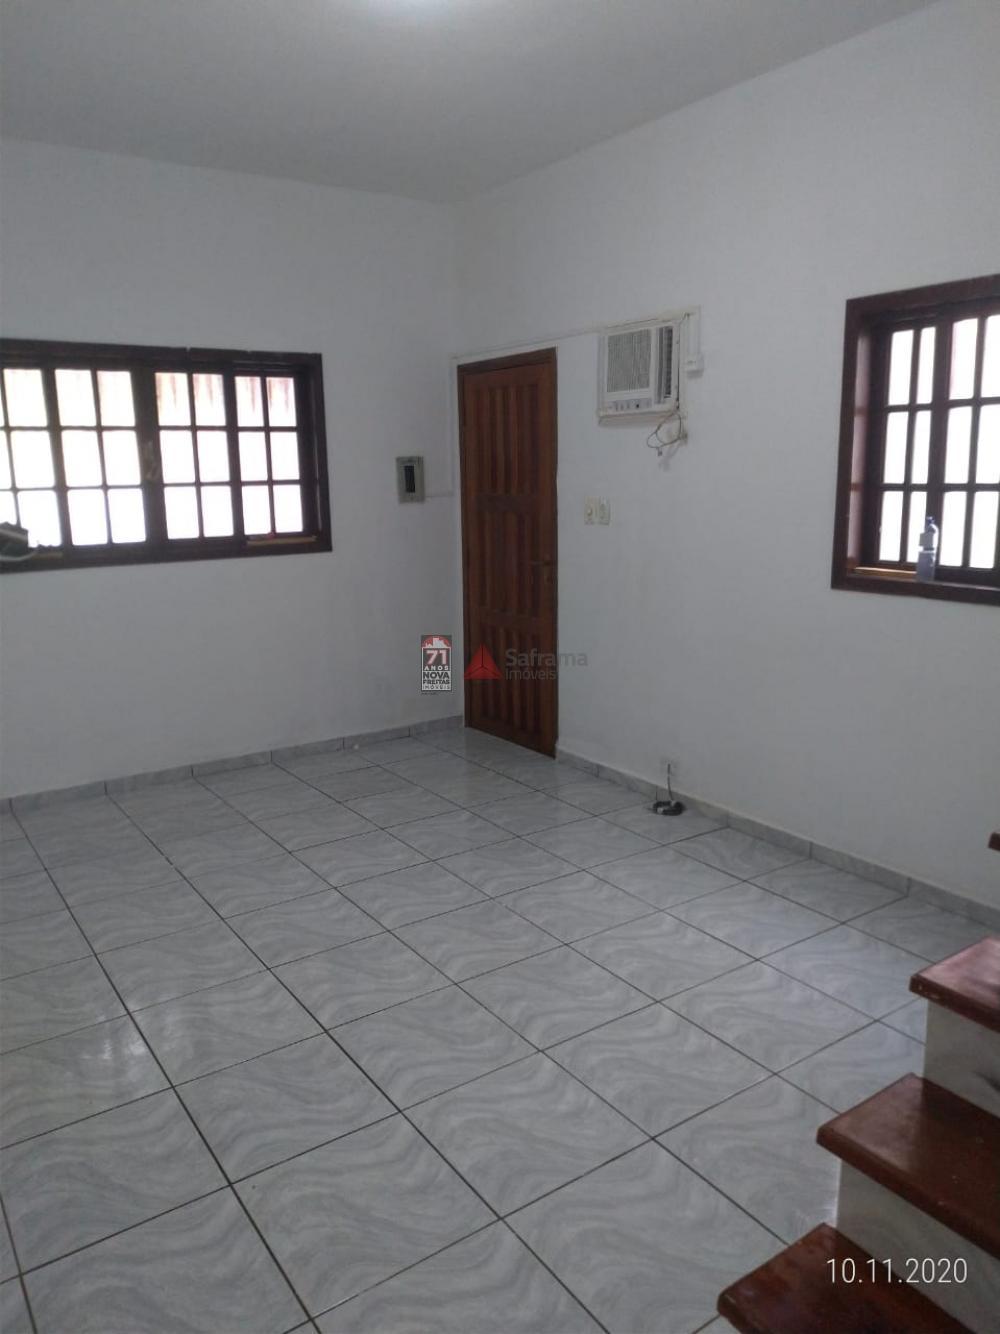 Pindamonhangaba Casa Venda R$260.000,00 3 Dormitorios 1 Suite Area do terreno 150.00m2 Area construida 141.02m2